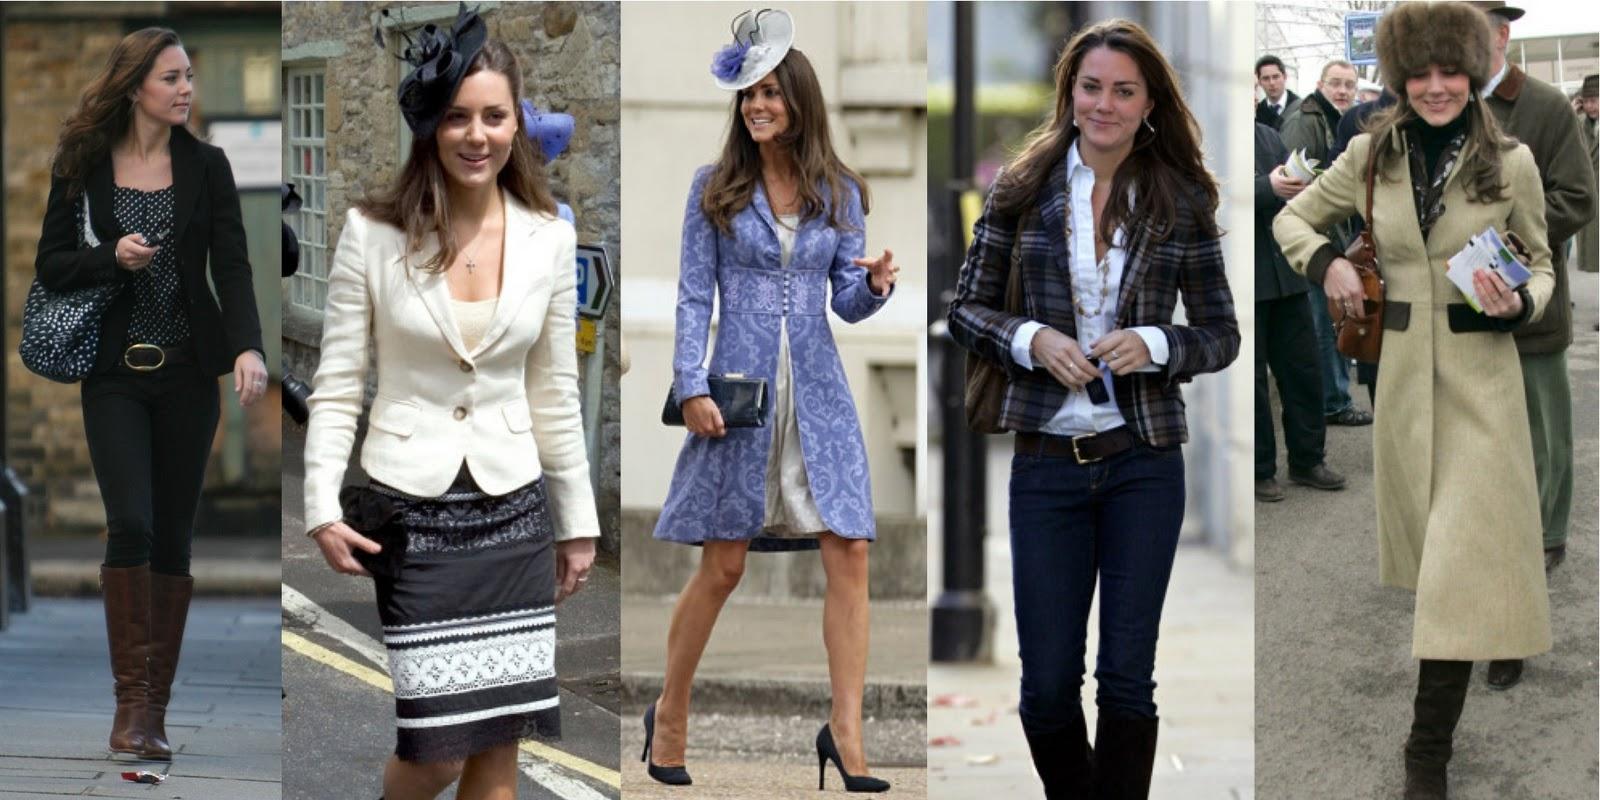 Junaidi Mangap Kate Middleton Style